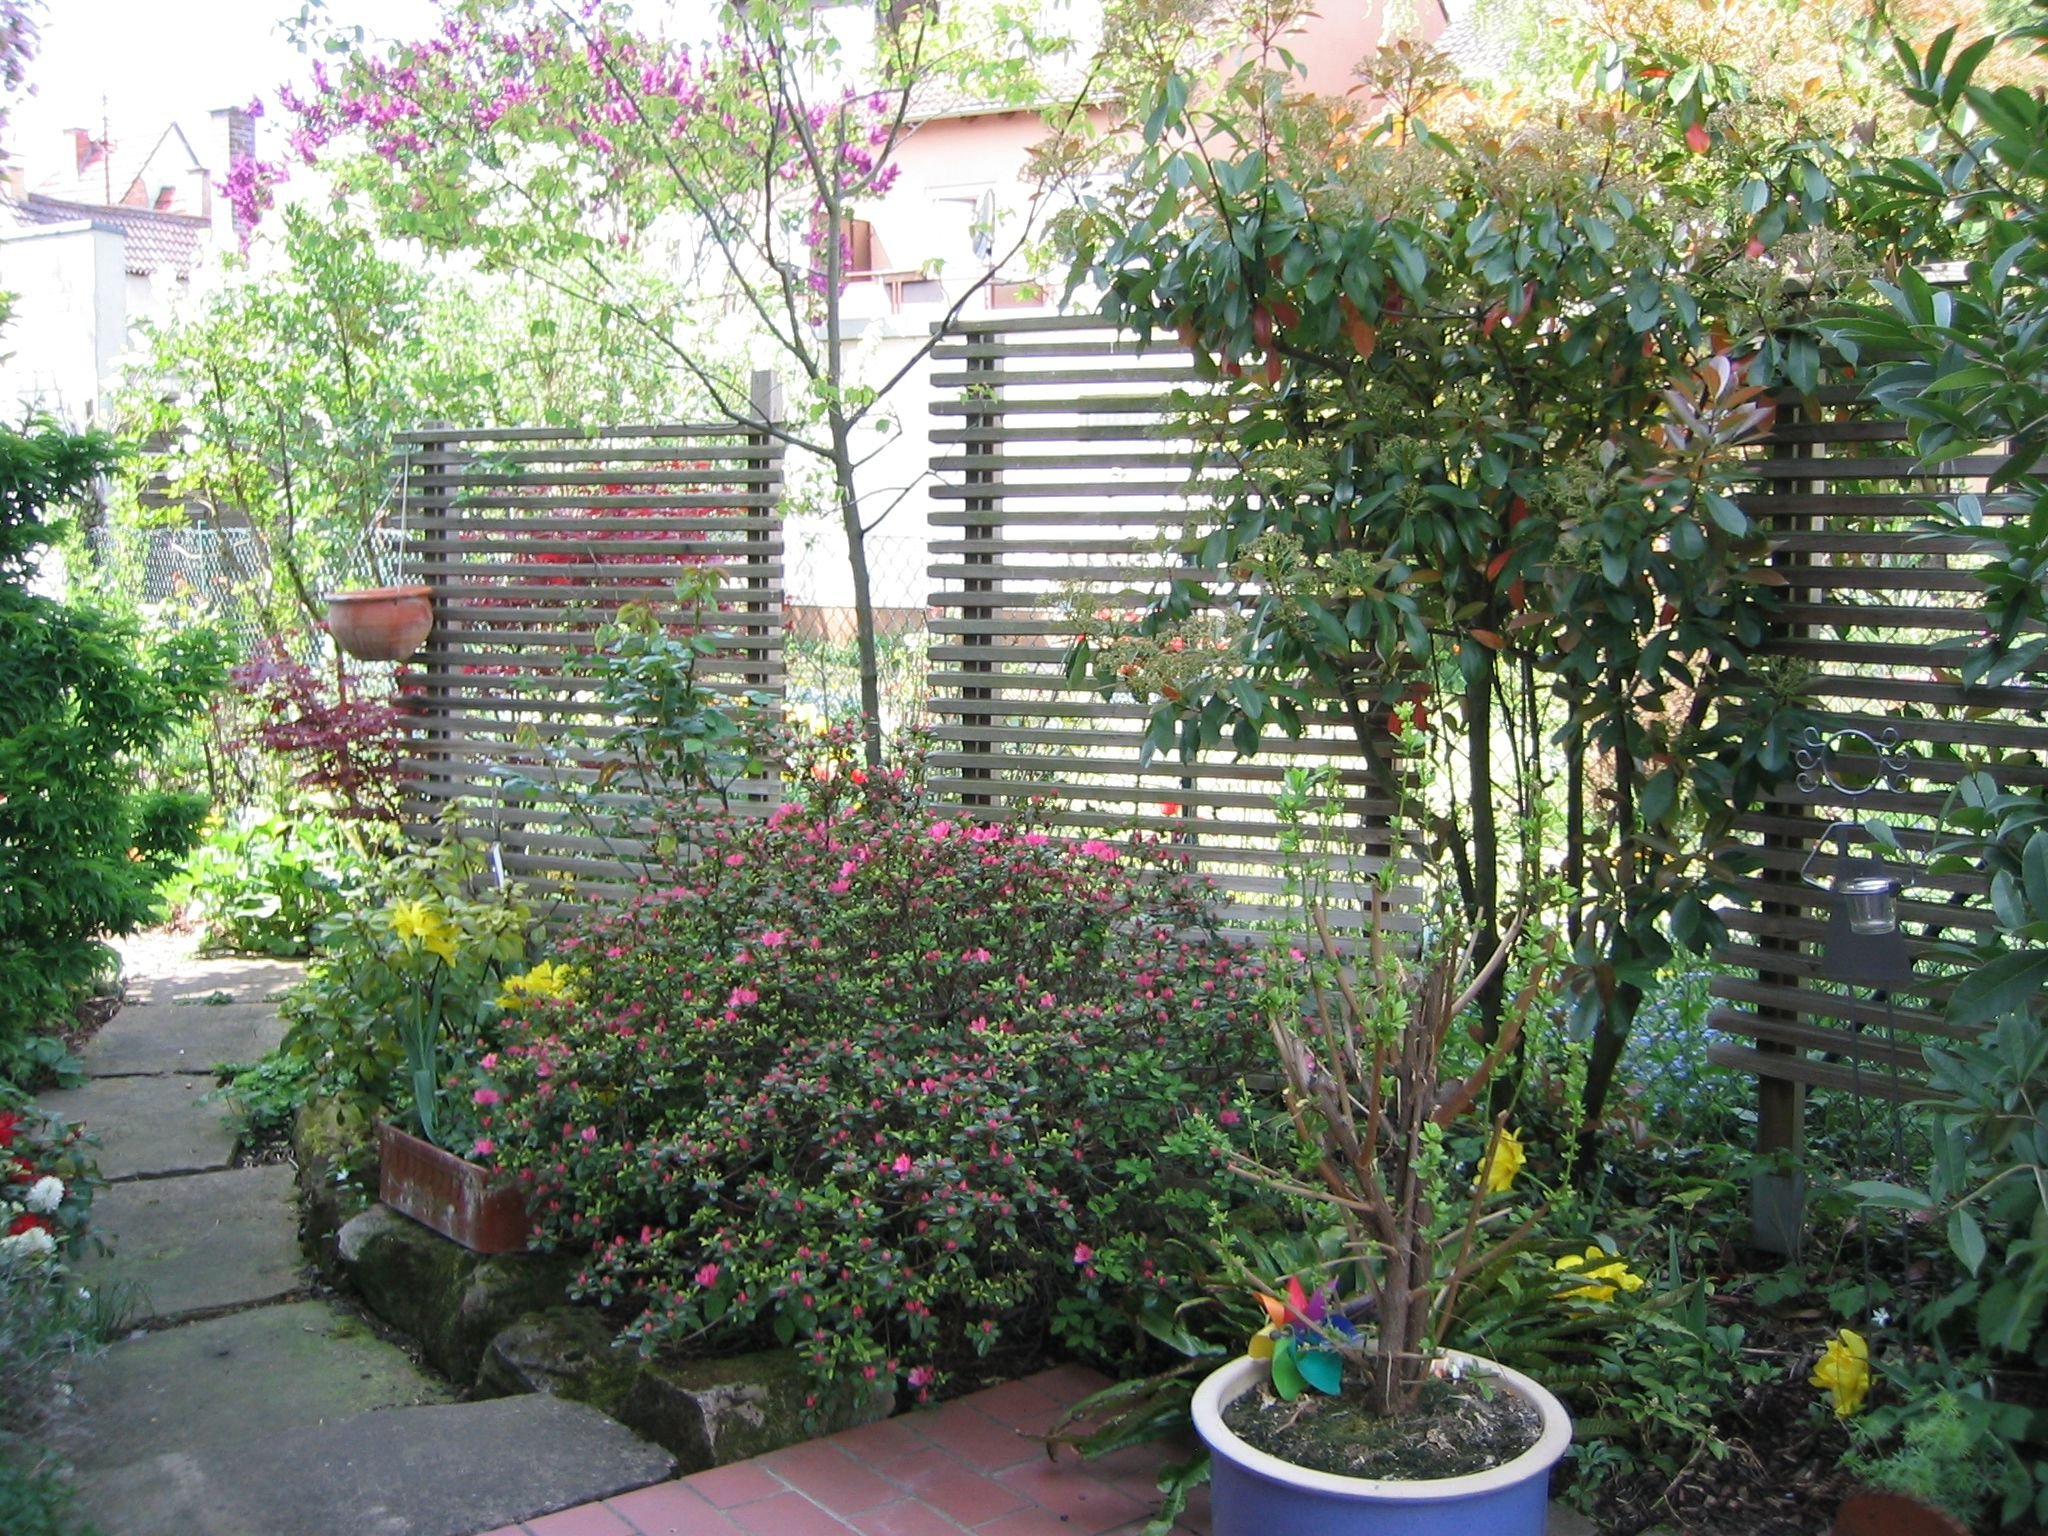 Sichtschutz stein gartengestaltung sichtschutz stein - Hangepflanzen garten ...